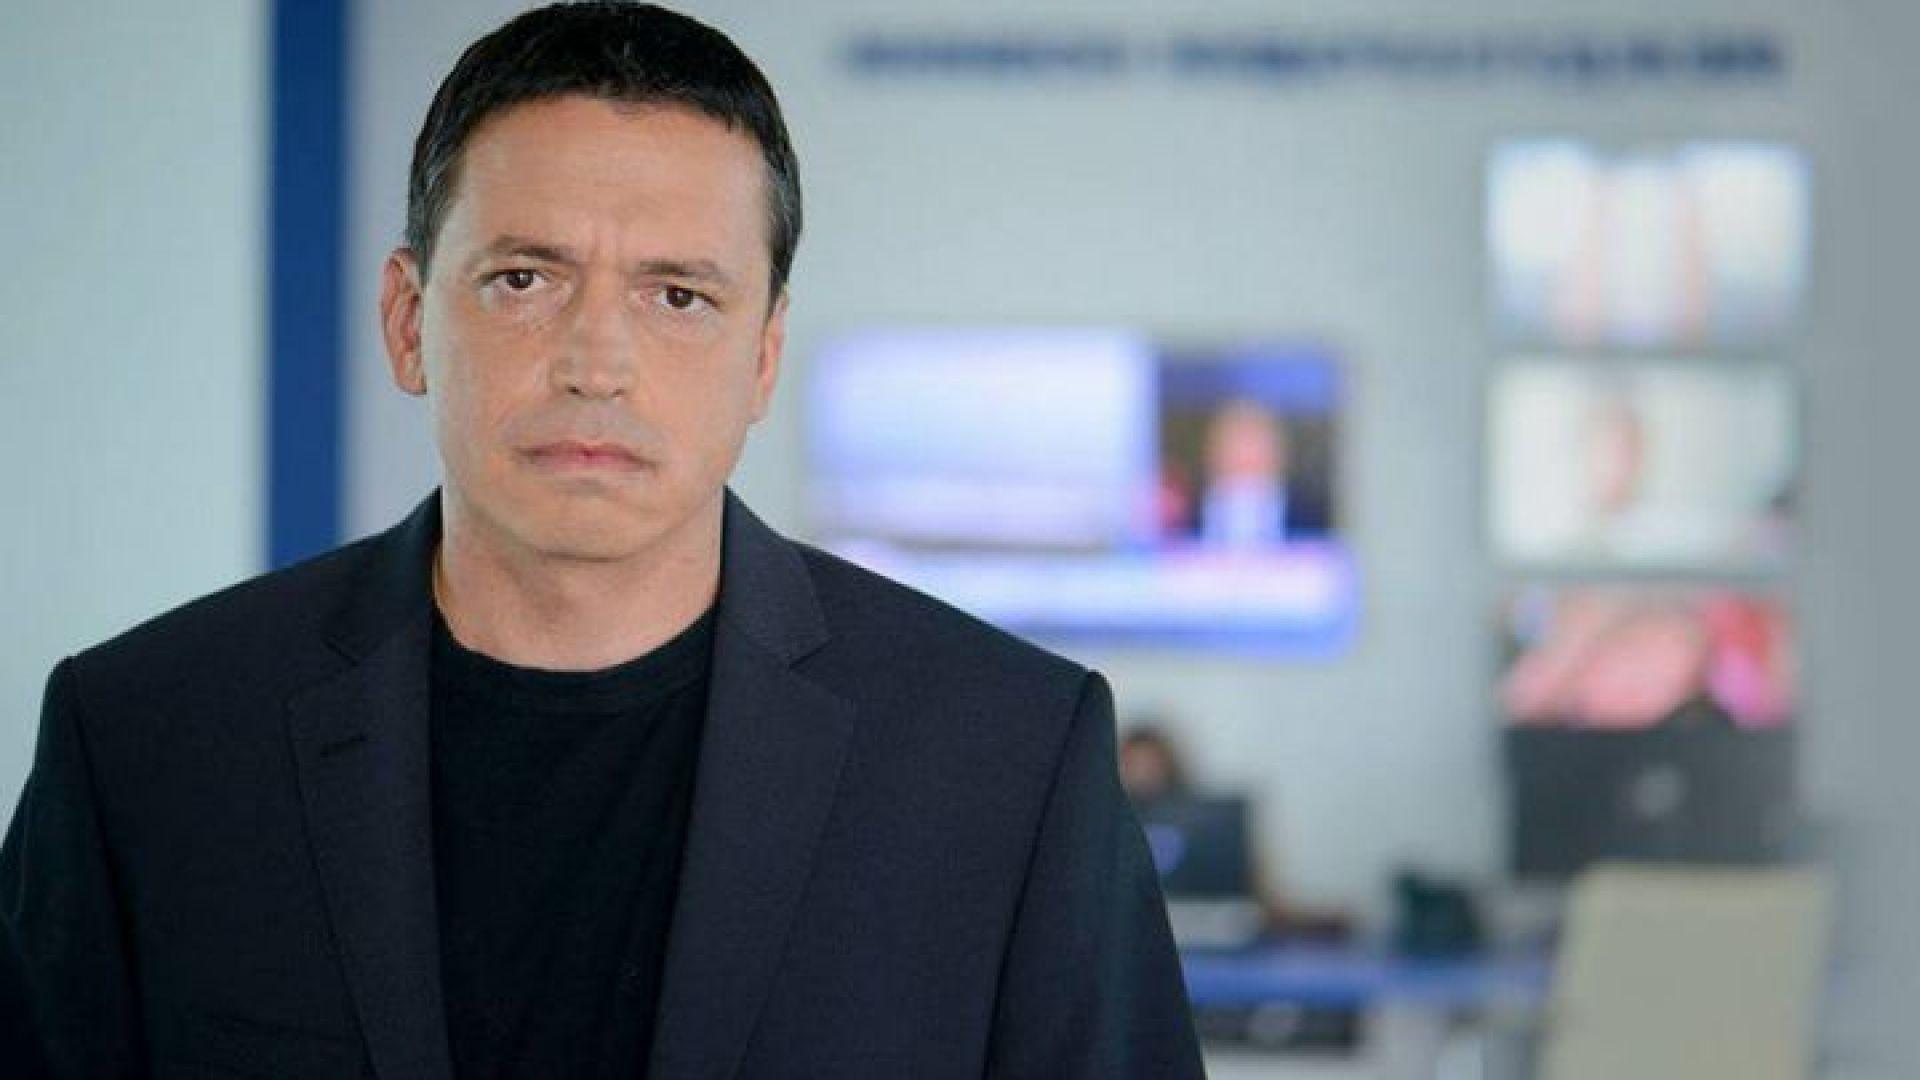 Нов проект за журналистически разследвания ще предложи Нова телевизия през